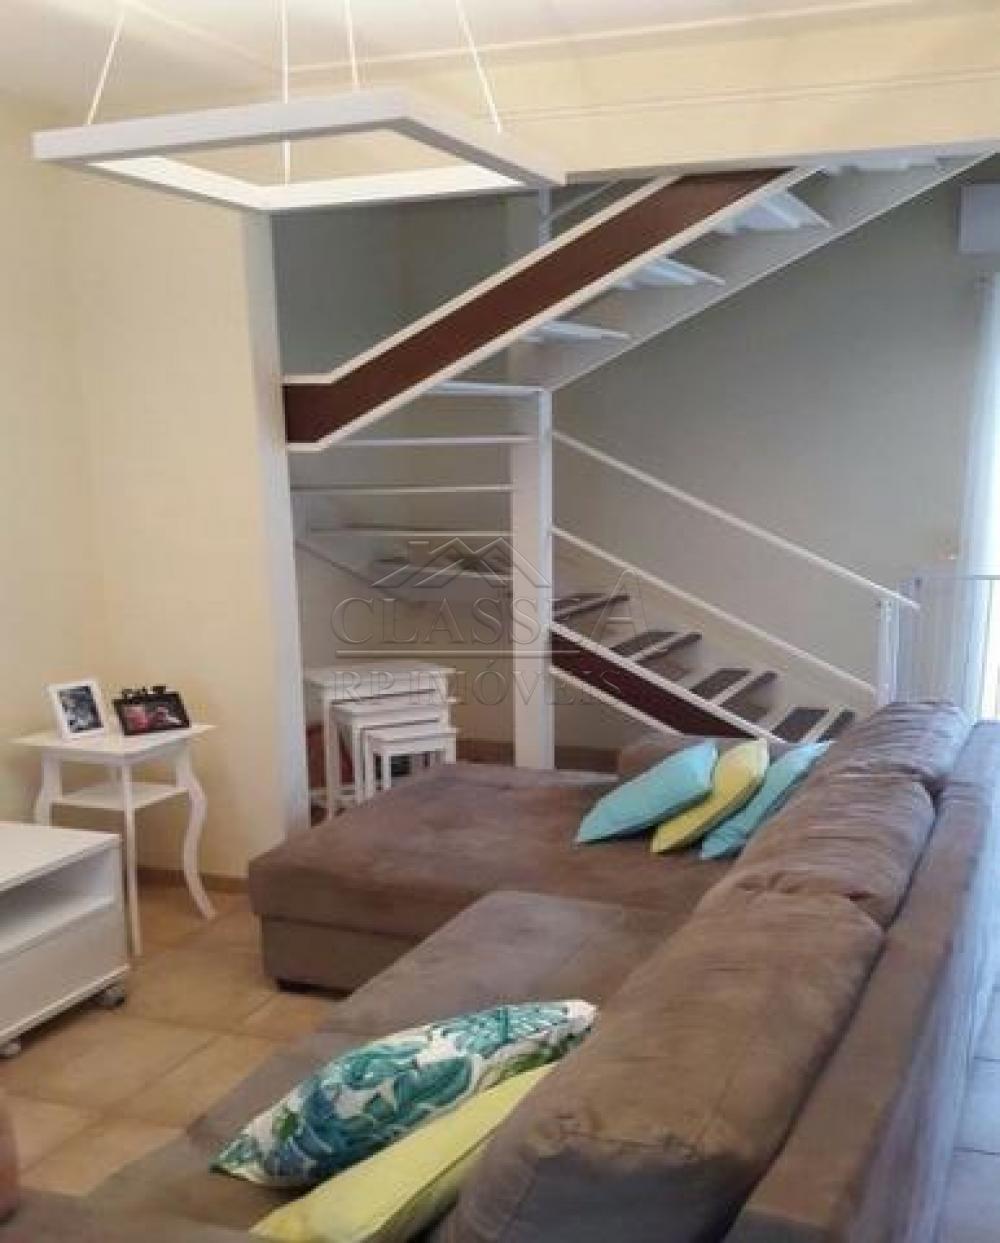 Comprar Casa / Condomínio - sobrado em Ribeirão Preto apenas R$ 340.000,00 - Foto 3